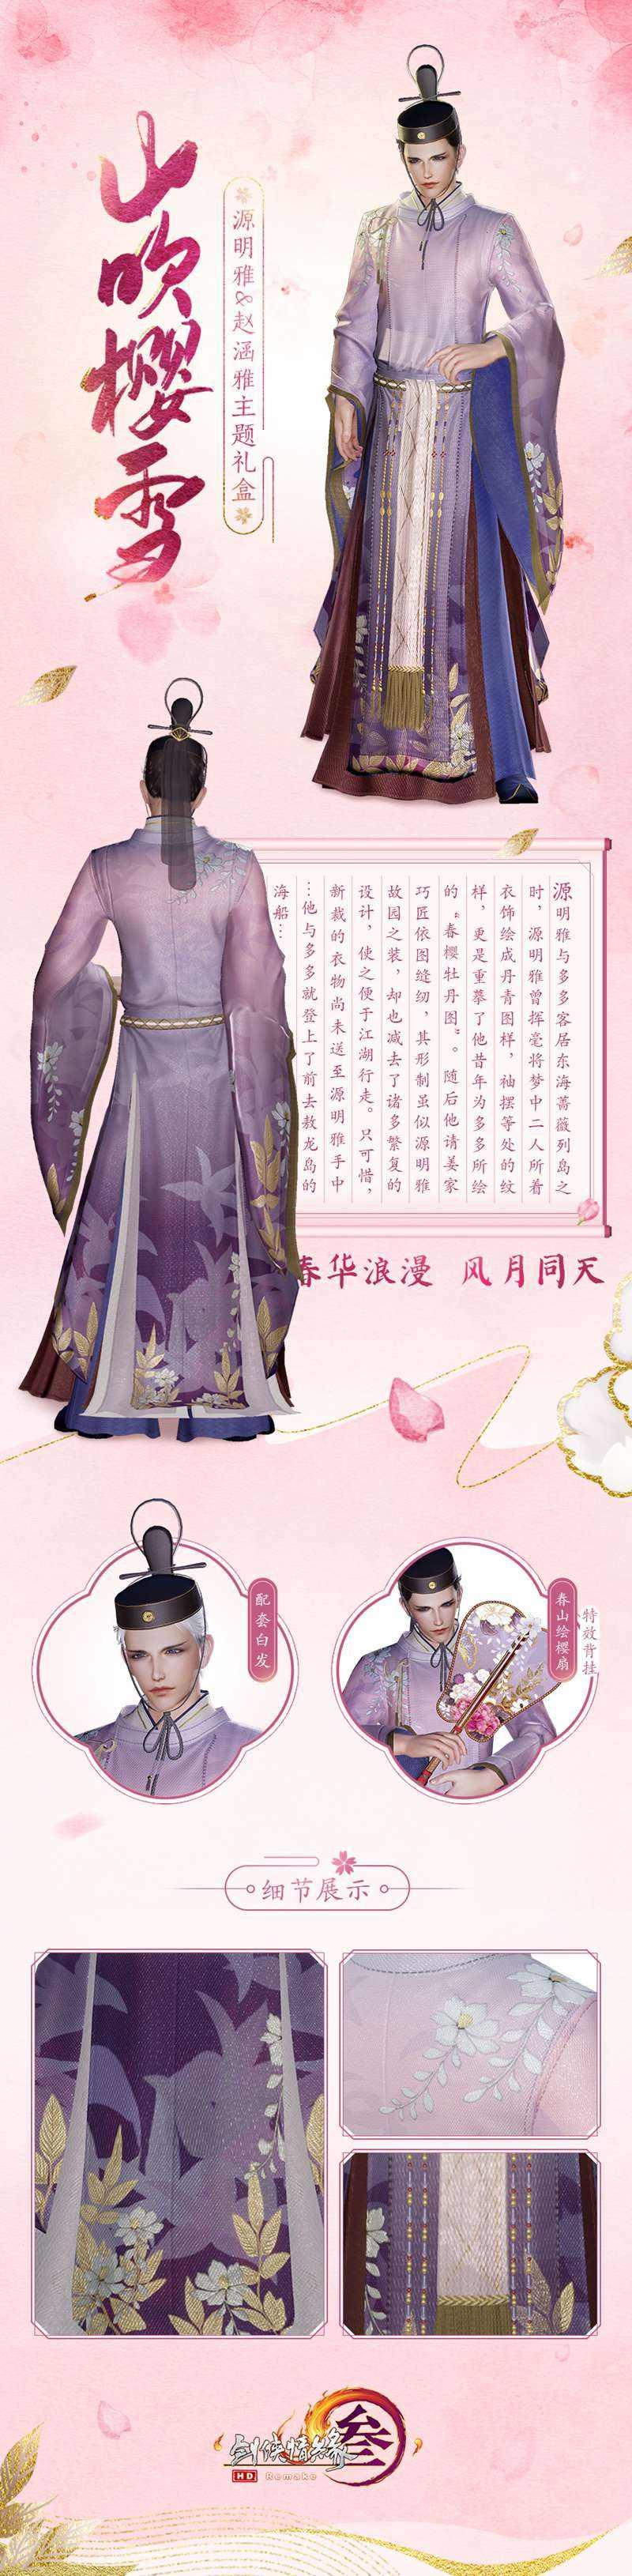 《剑网3》春日大片今日首映 源明雅多多主题礼盒曝光